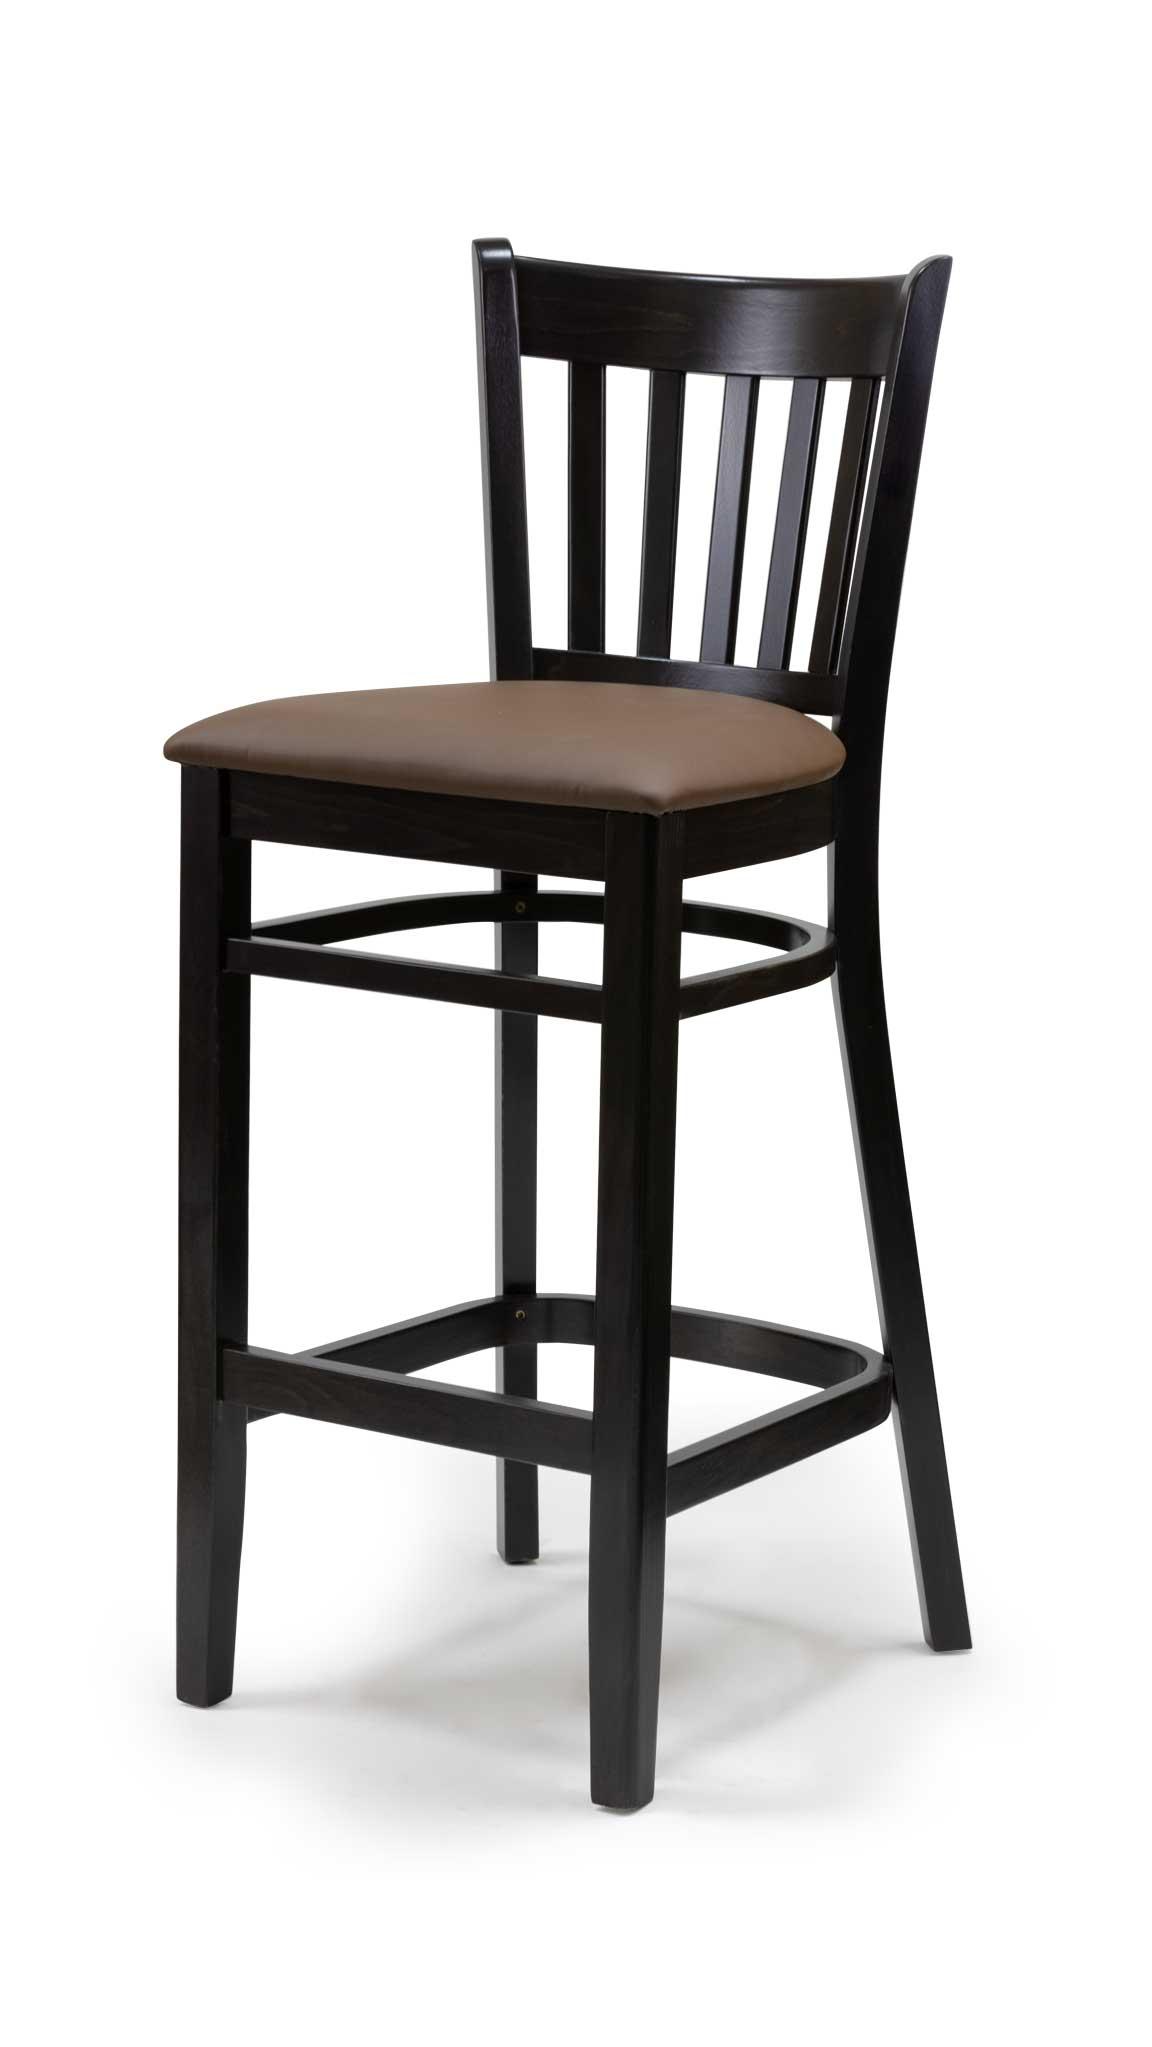 Черен бар стол от масив бук с изкуствена светла кожа - 1304B